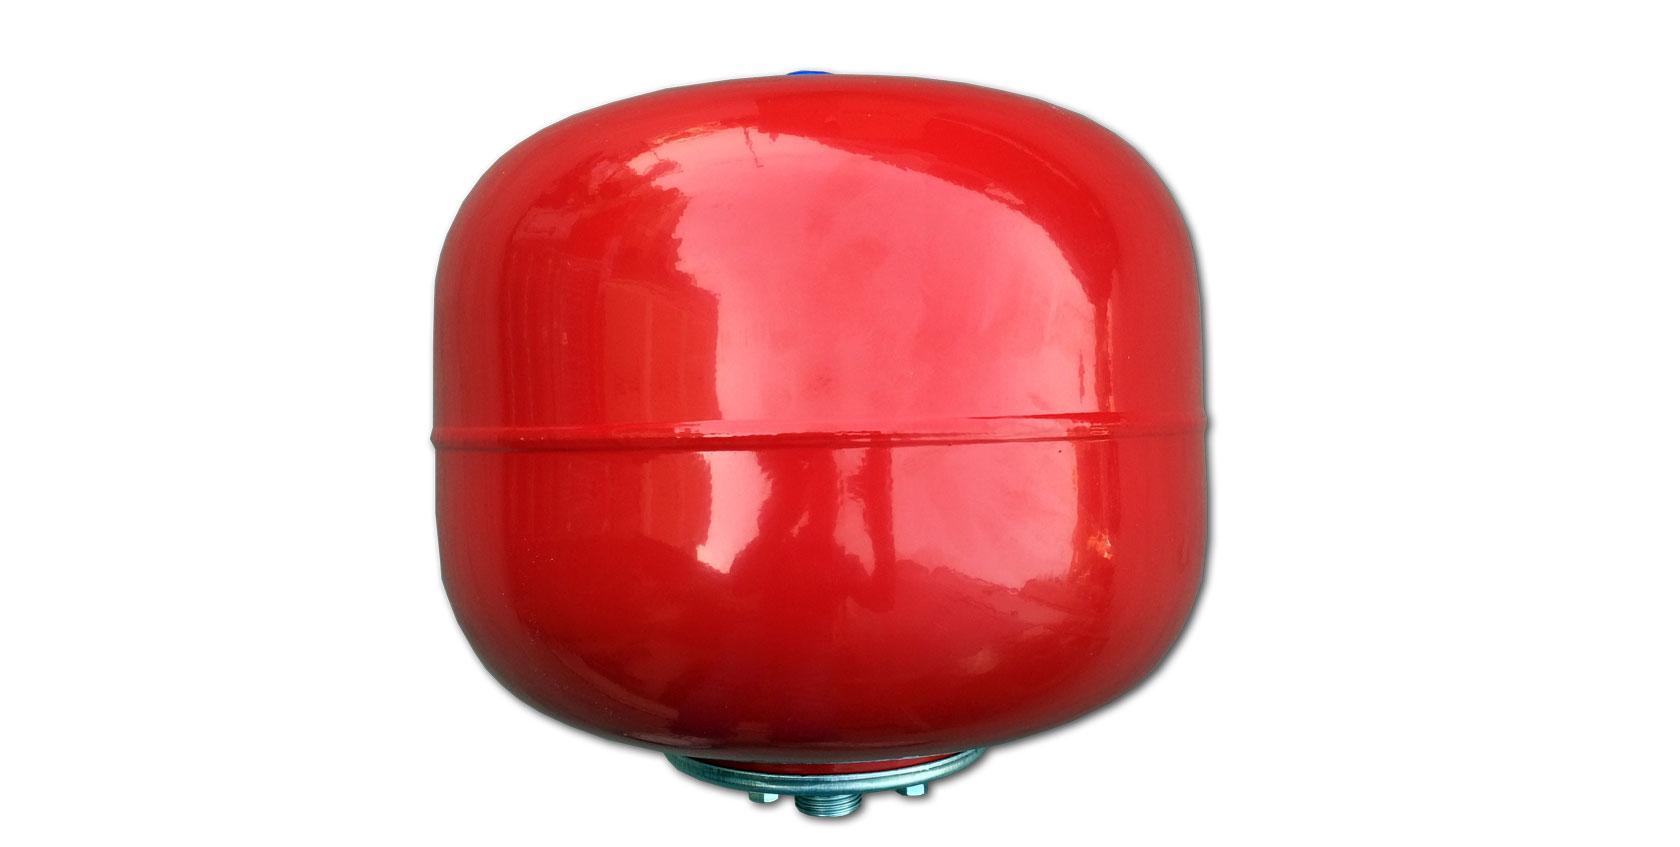 Vaso espansione autoclave membrana 24 lt imbriano srl for Vasi di espansione a membrana